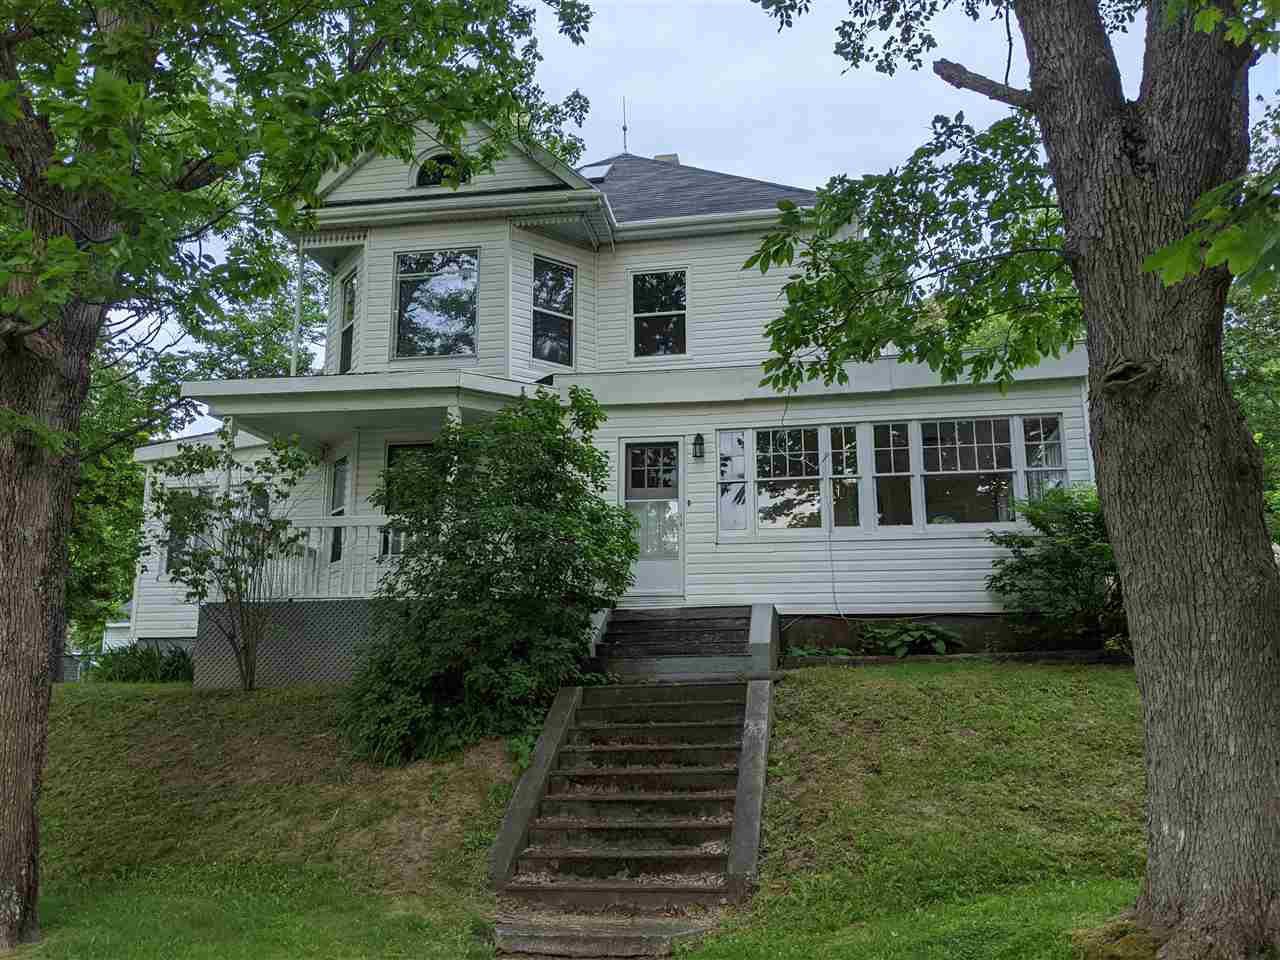 Main Photo: 77 DUKE Street in Trenton: 107-Trenton,Westville,Pictou Residential for sale (Northern Region)  : MLS®# 202012086